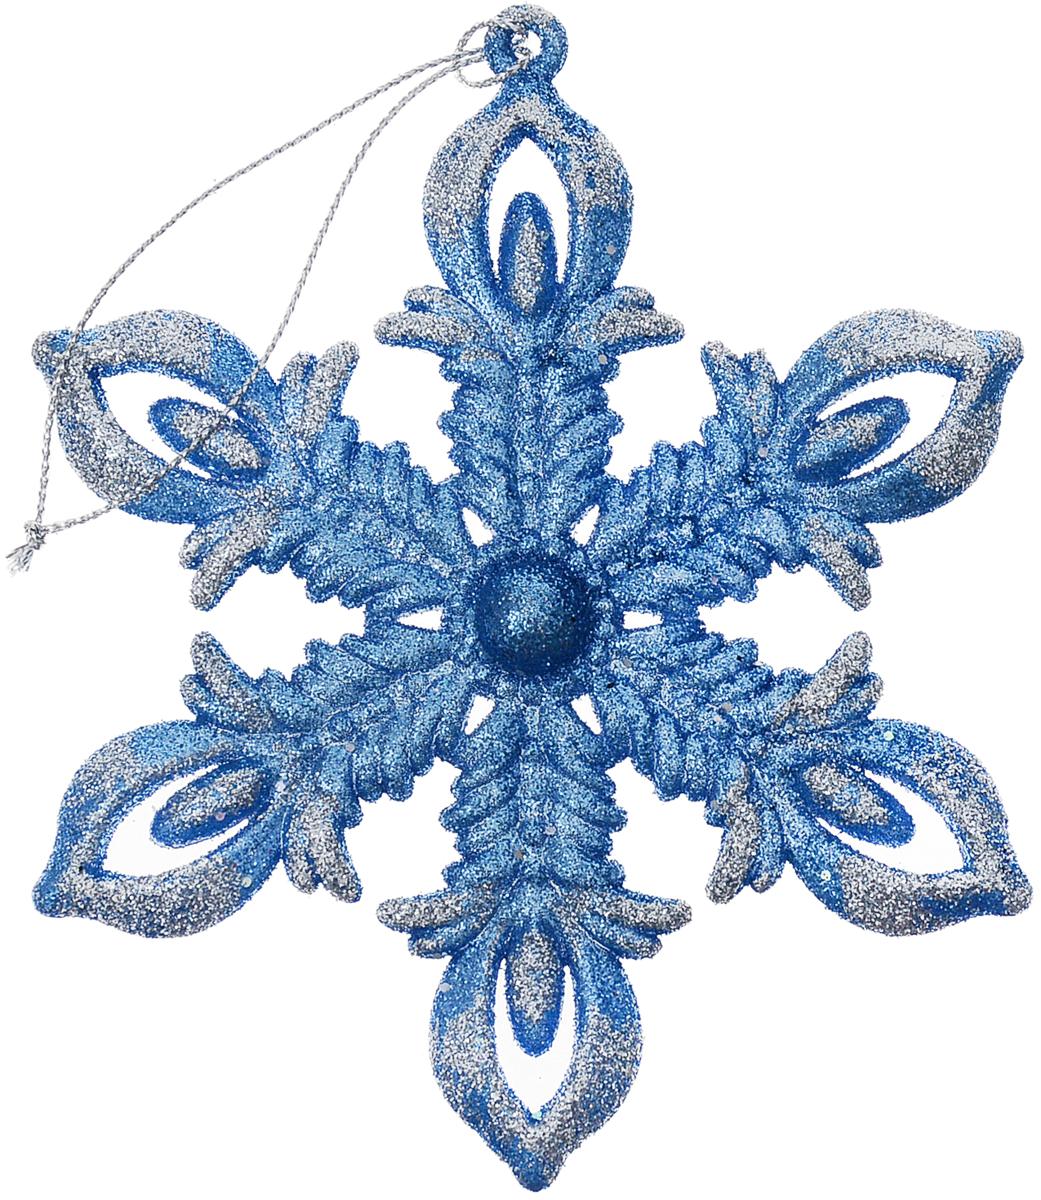 Украшение для интерьера новогоднее Erich Krause Снежинка рождественская, 12 см43666Снежинка очаровывает тонкой рельефной конструкцией и ярким цветом лазури. Сверкающие блестки добавляют изделию очарования. Упаковка - полибэг.